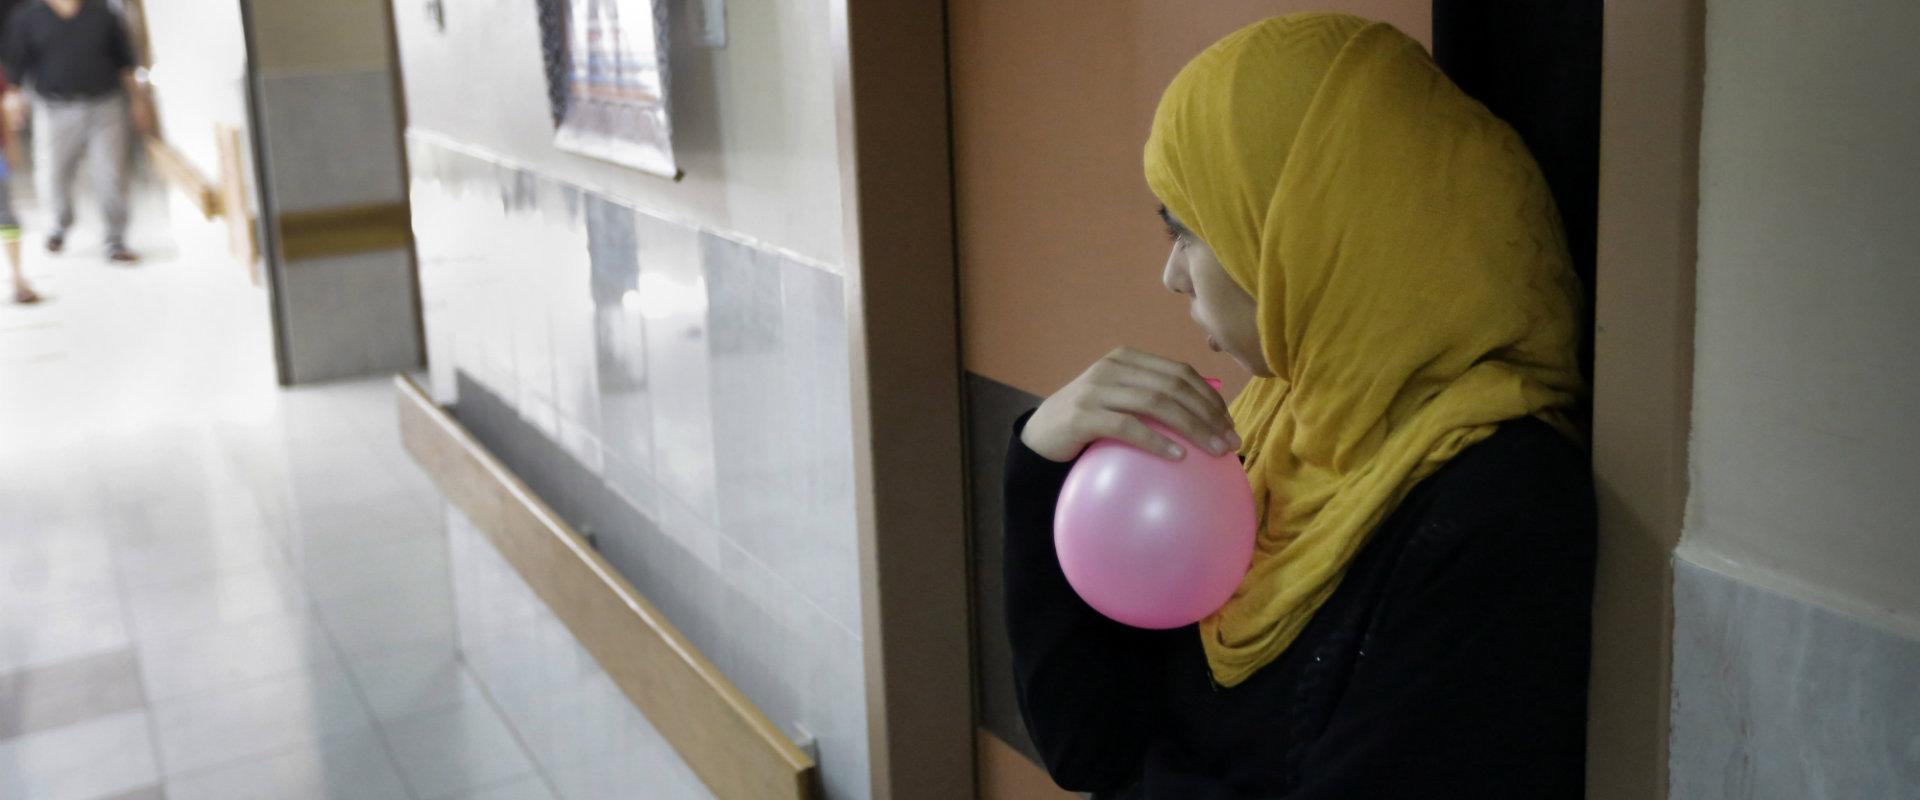 נערה ערבייה בבית חולים ישראלי